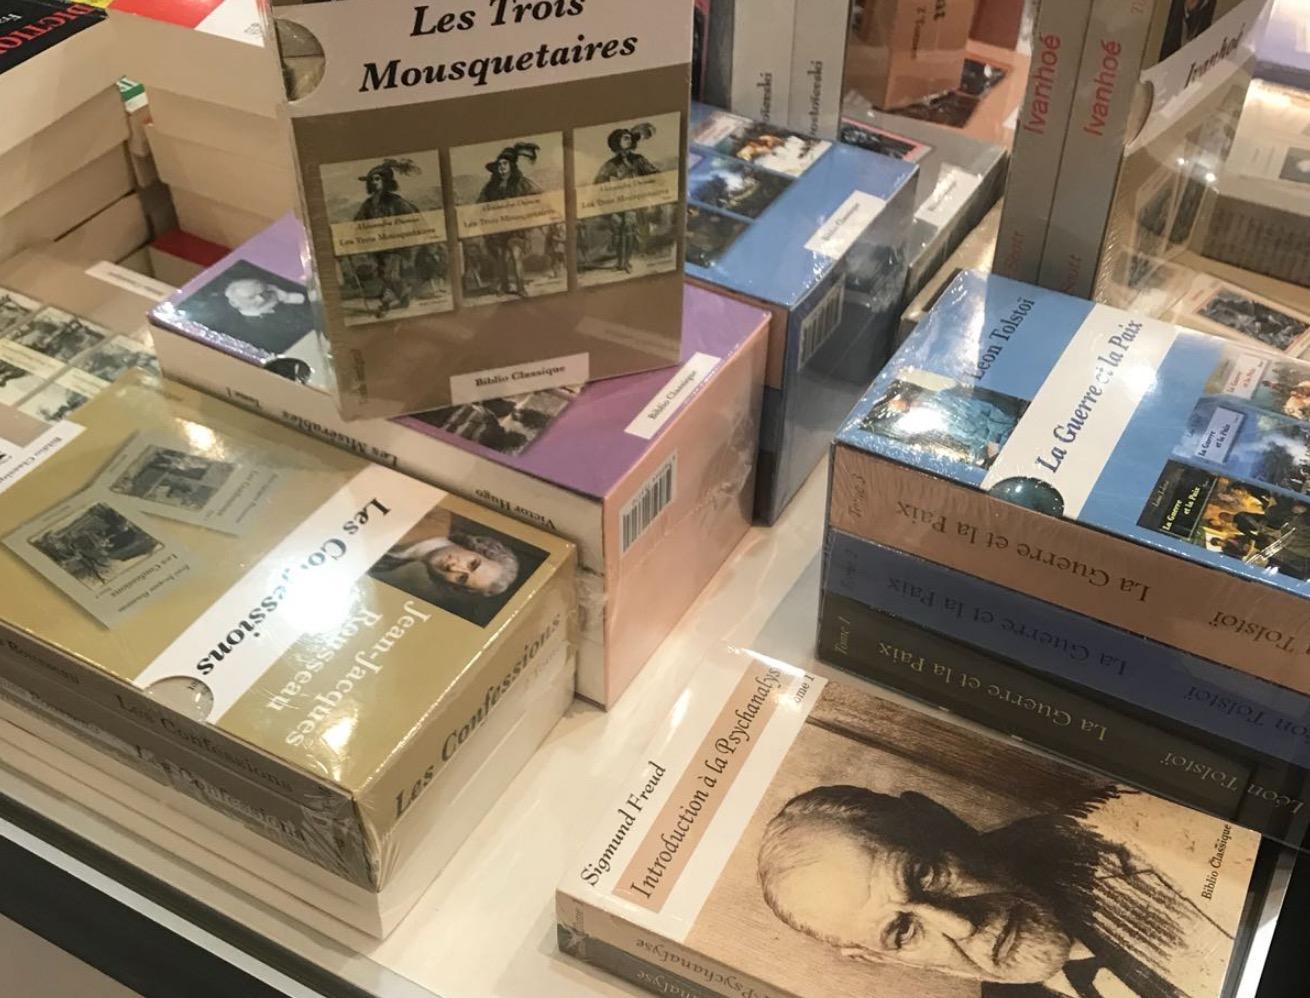 مهزلة في رواق المغرب بمعرض كيبك الدولي للكتاب